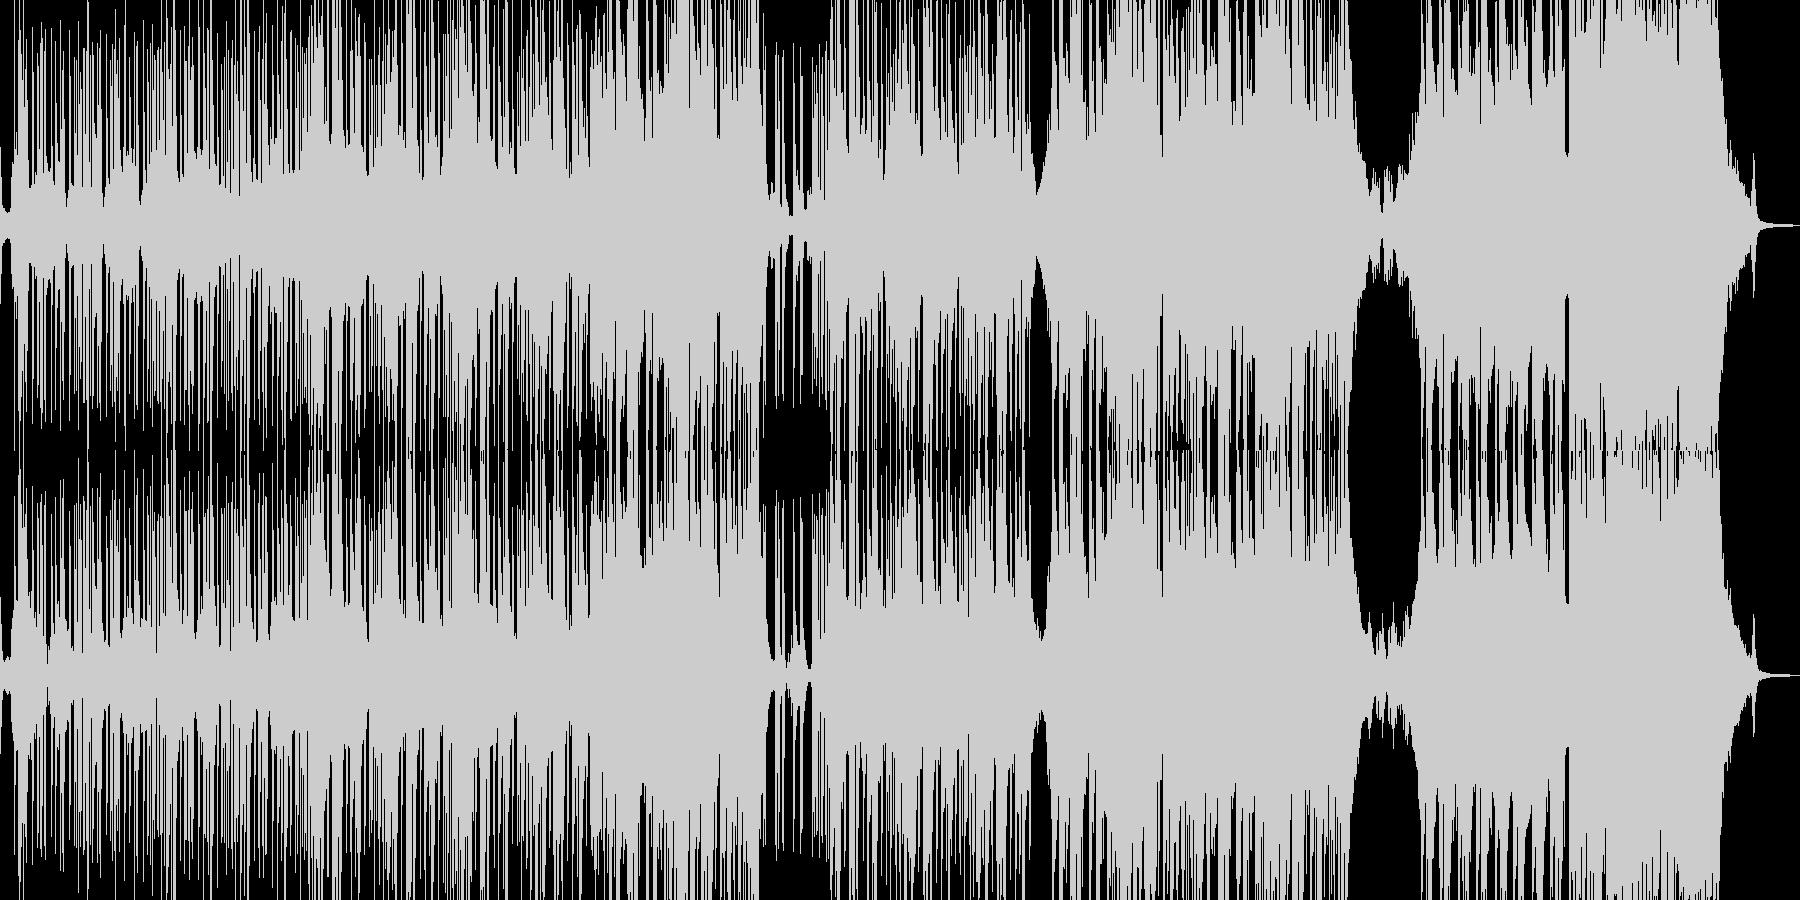 邪悪なヒップホップ・ギター無し 長尺の未再生の波形